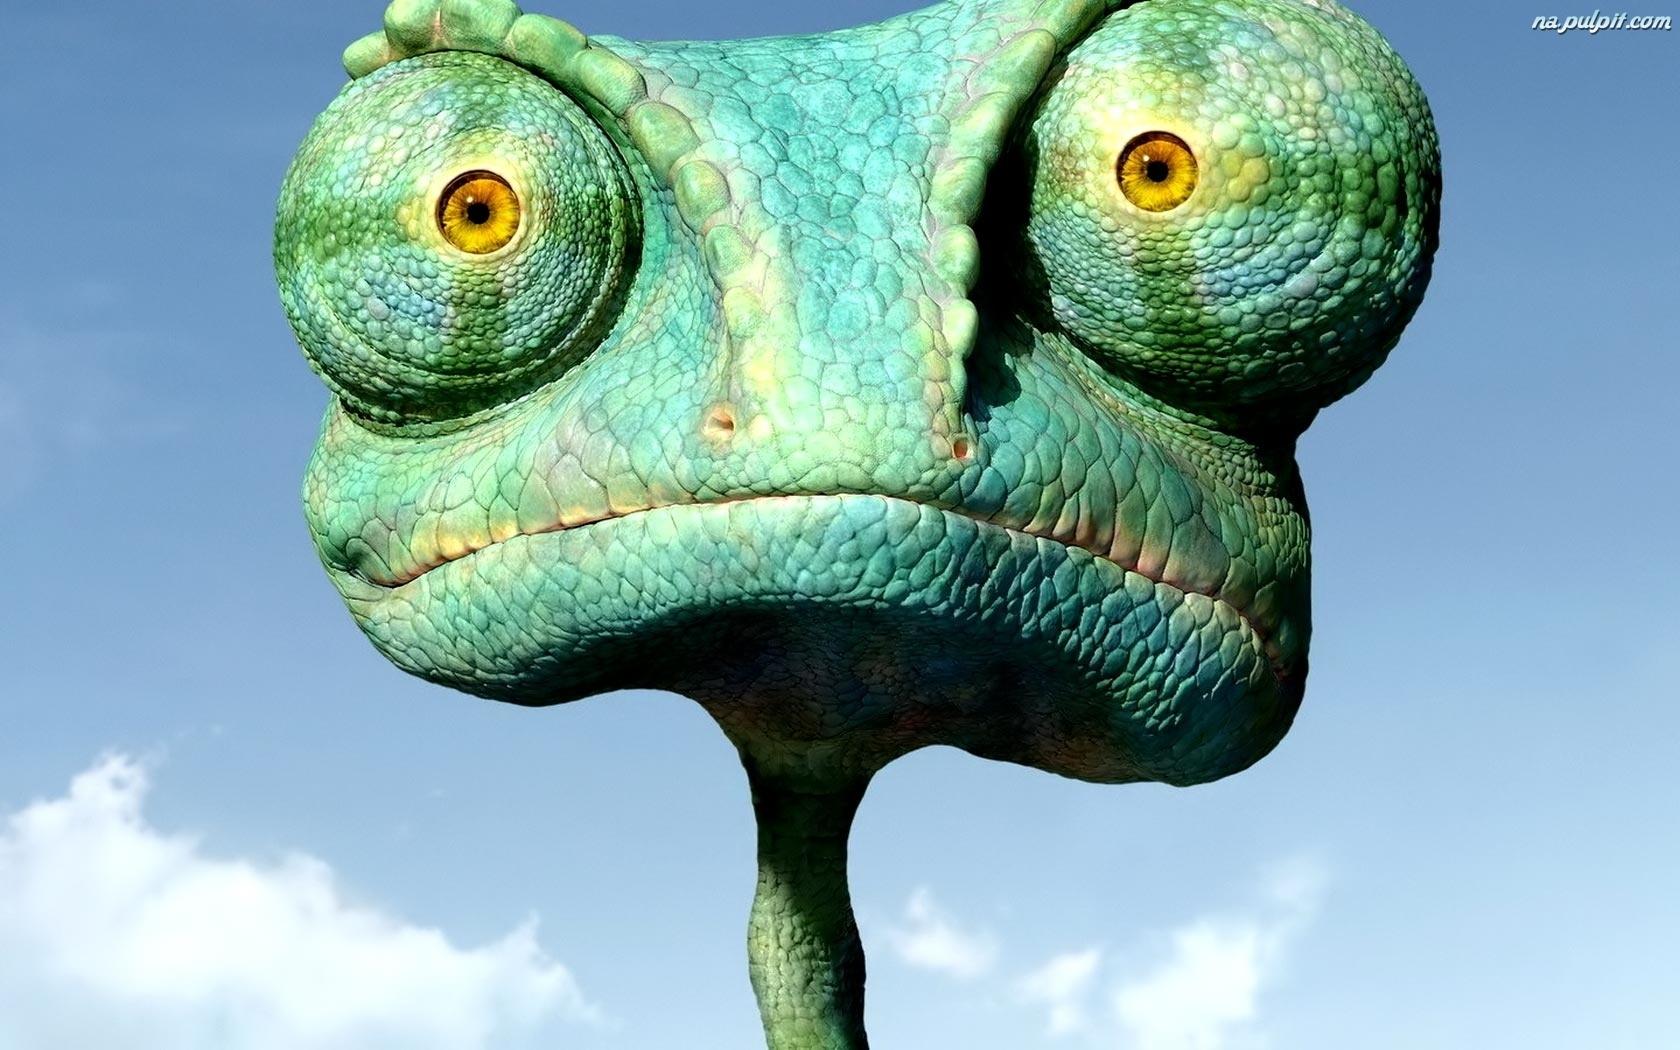 Śmieszny kameleon